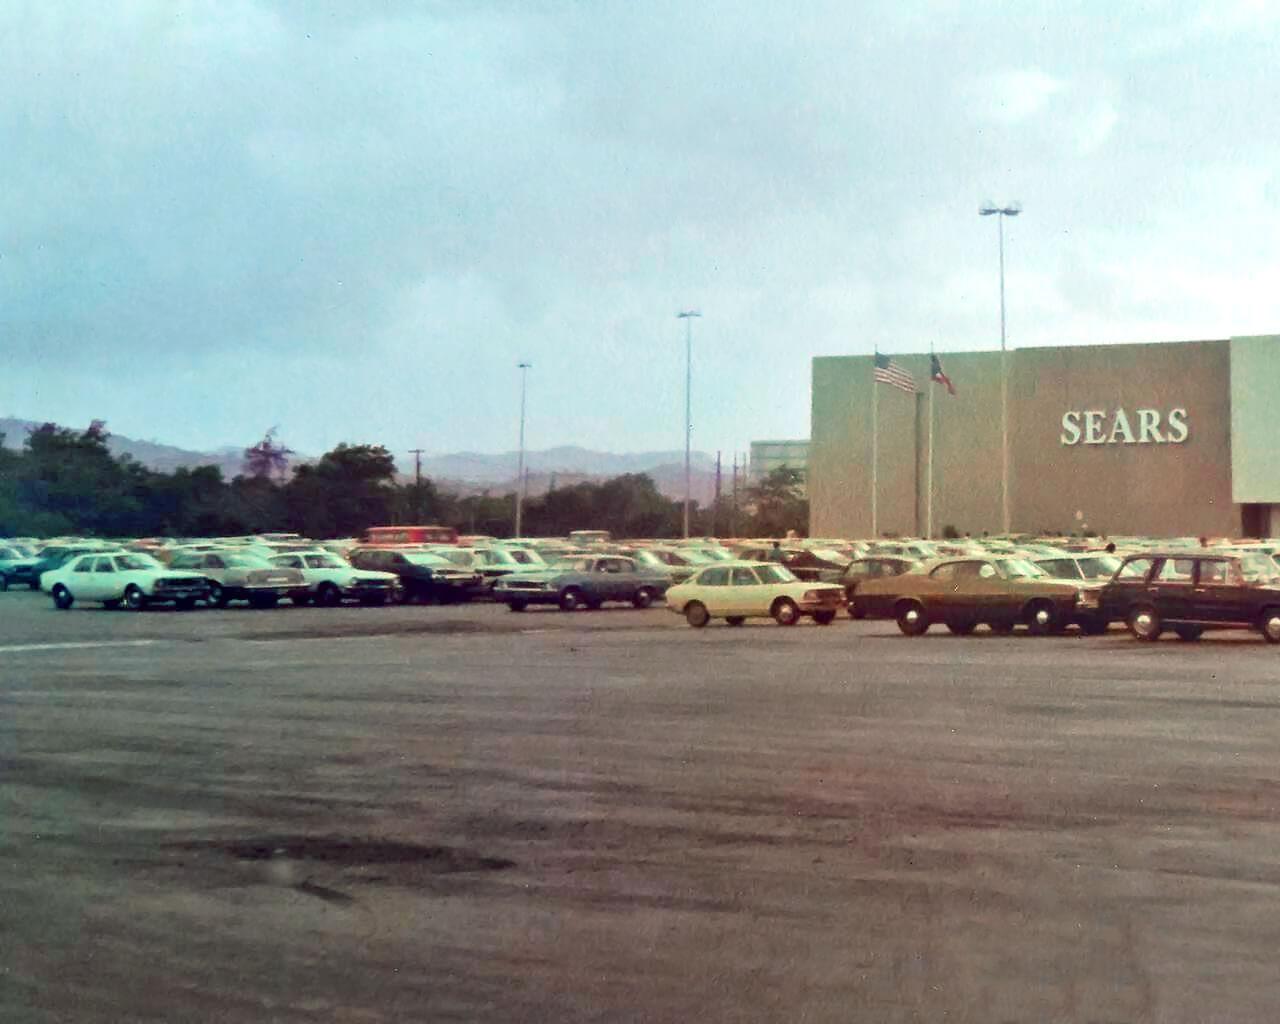 Sears, en el Centro Comercial Plaza Carolina, Carolina, Puerto Rico.